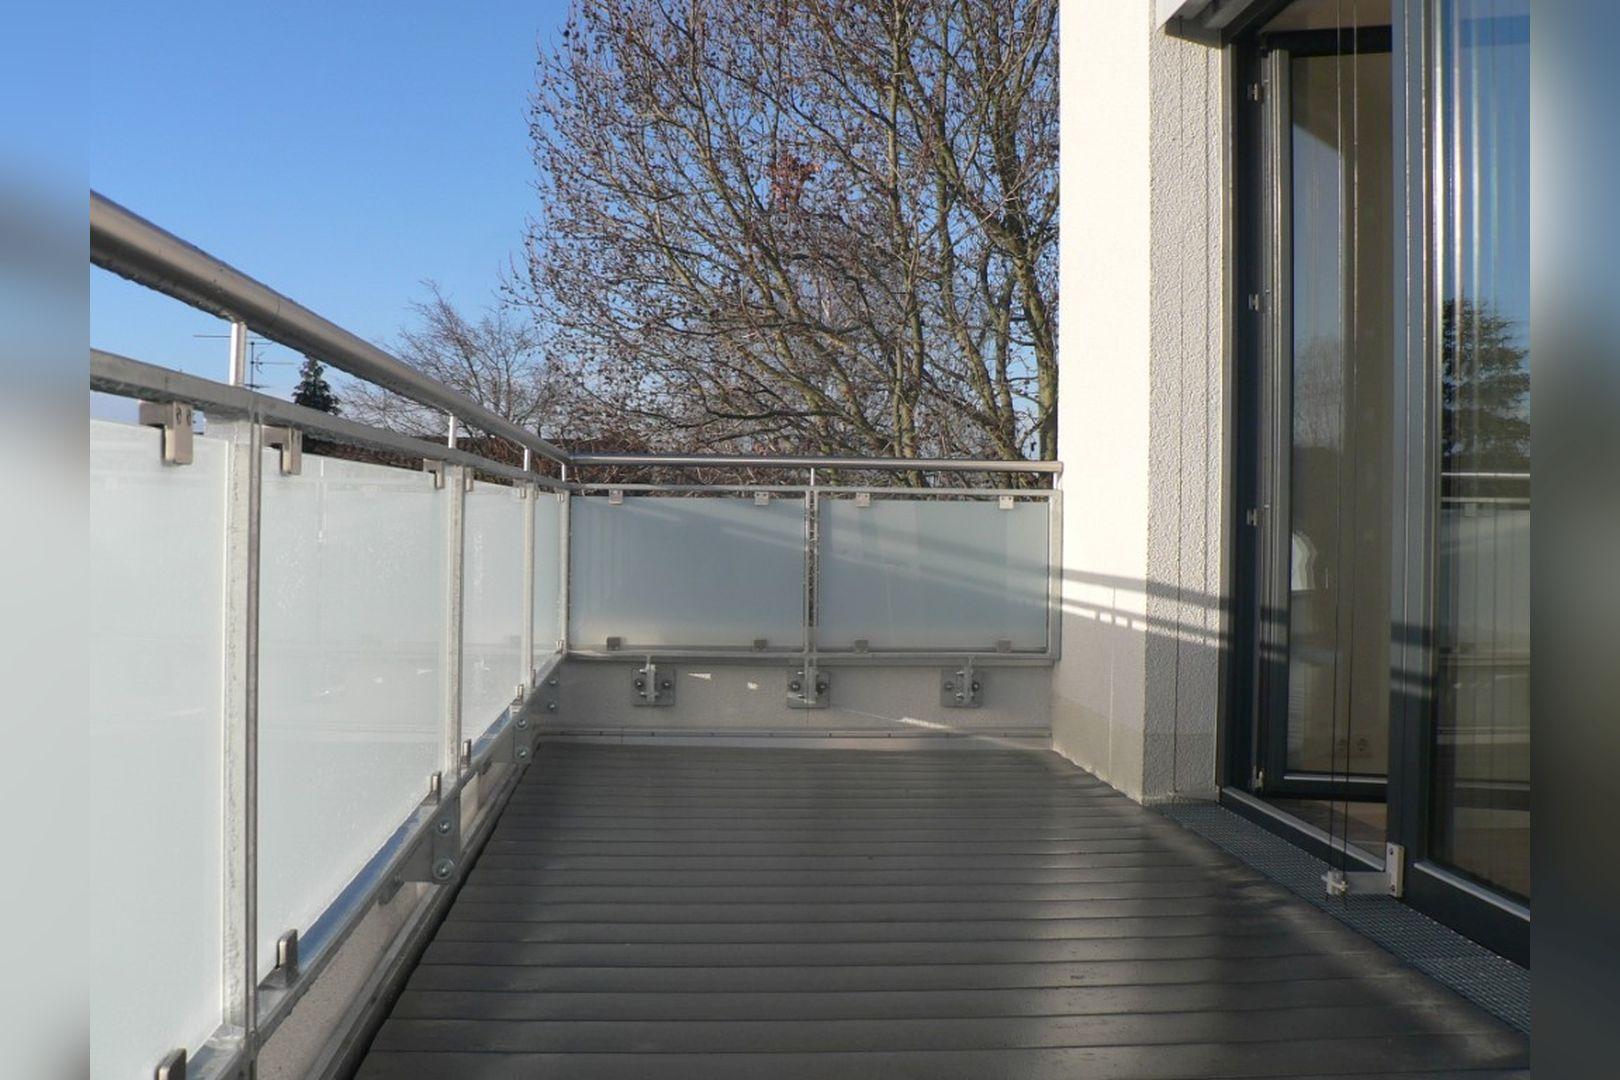 Immobilie Nr.0224 | Von-Arenberg-Str. 33 a , 40668 Meerbusch Bösinghoven